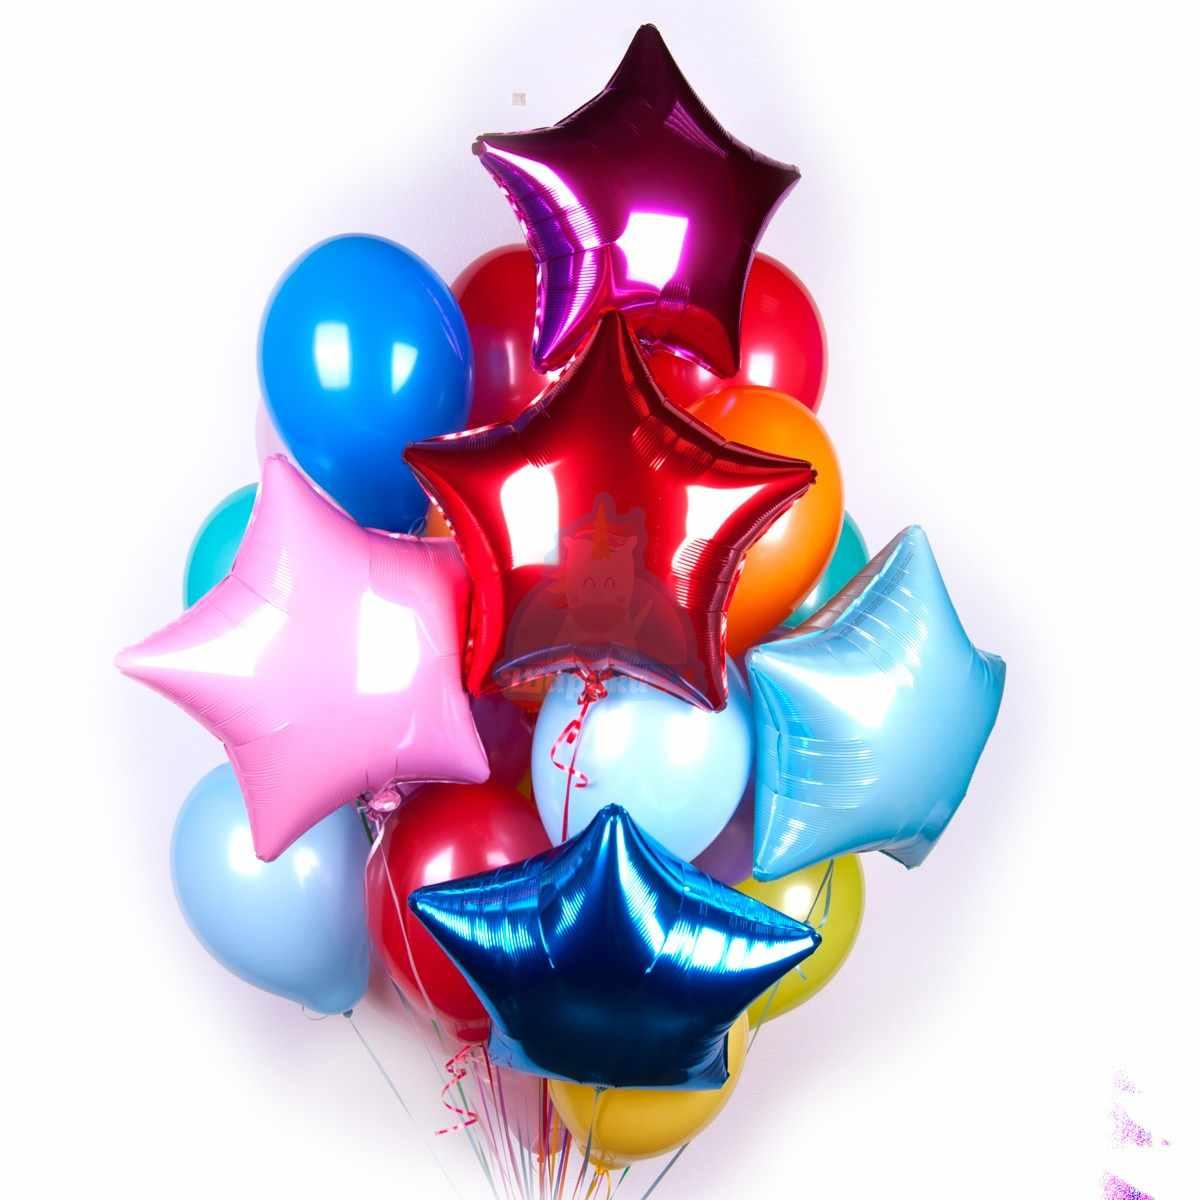 Разноцветные шарики со звездами фото в интернет-магазине Шарики 24